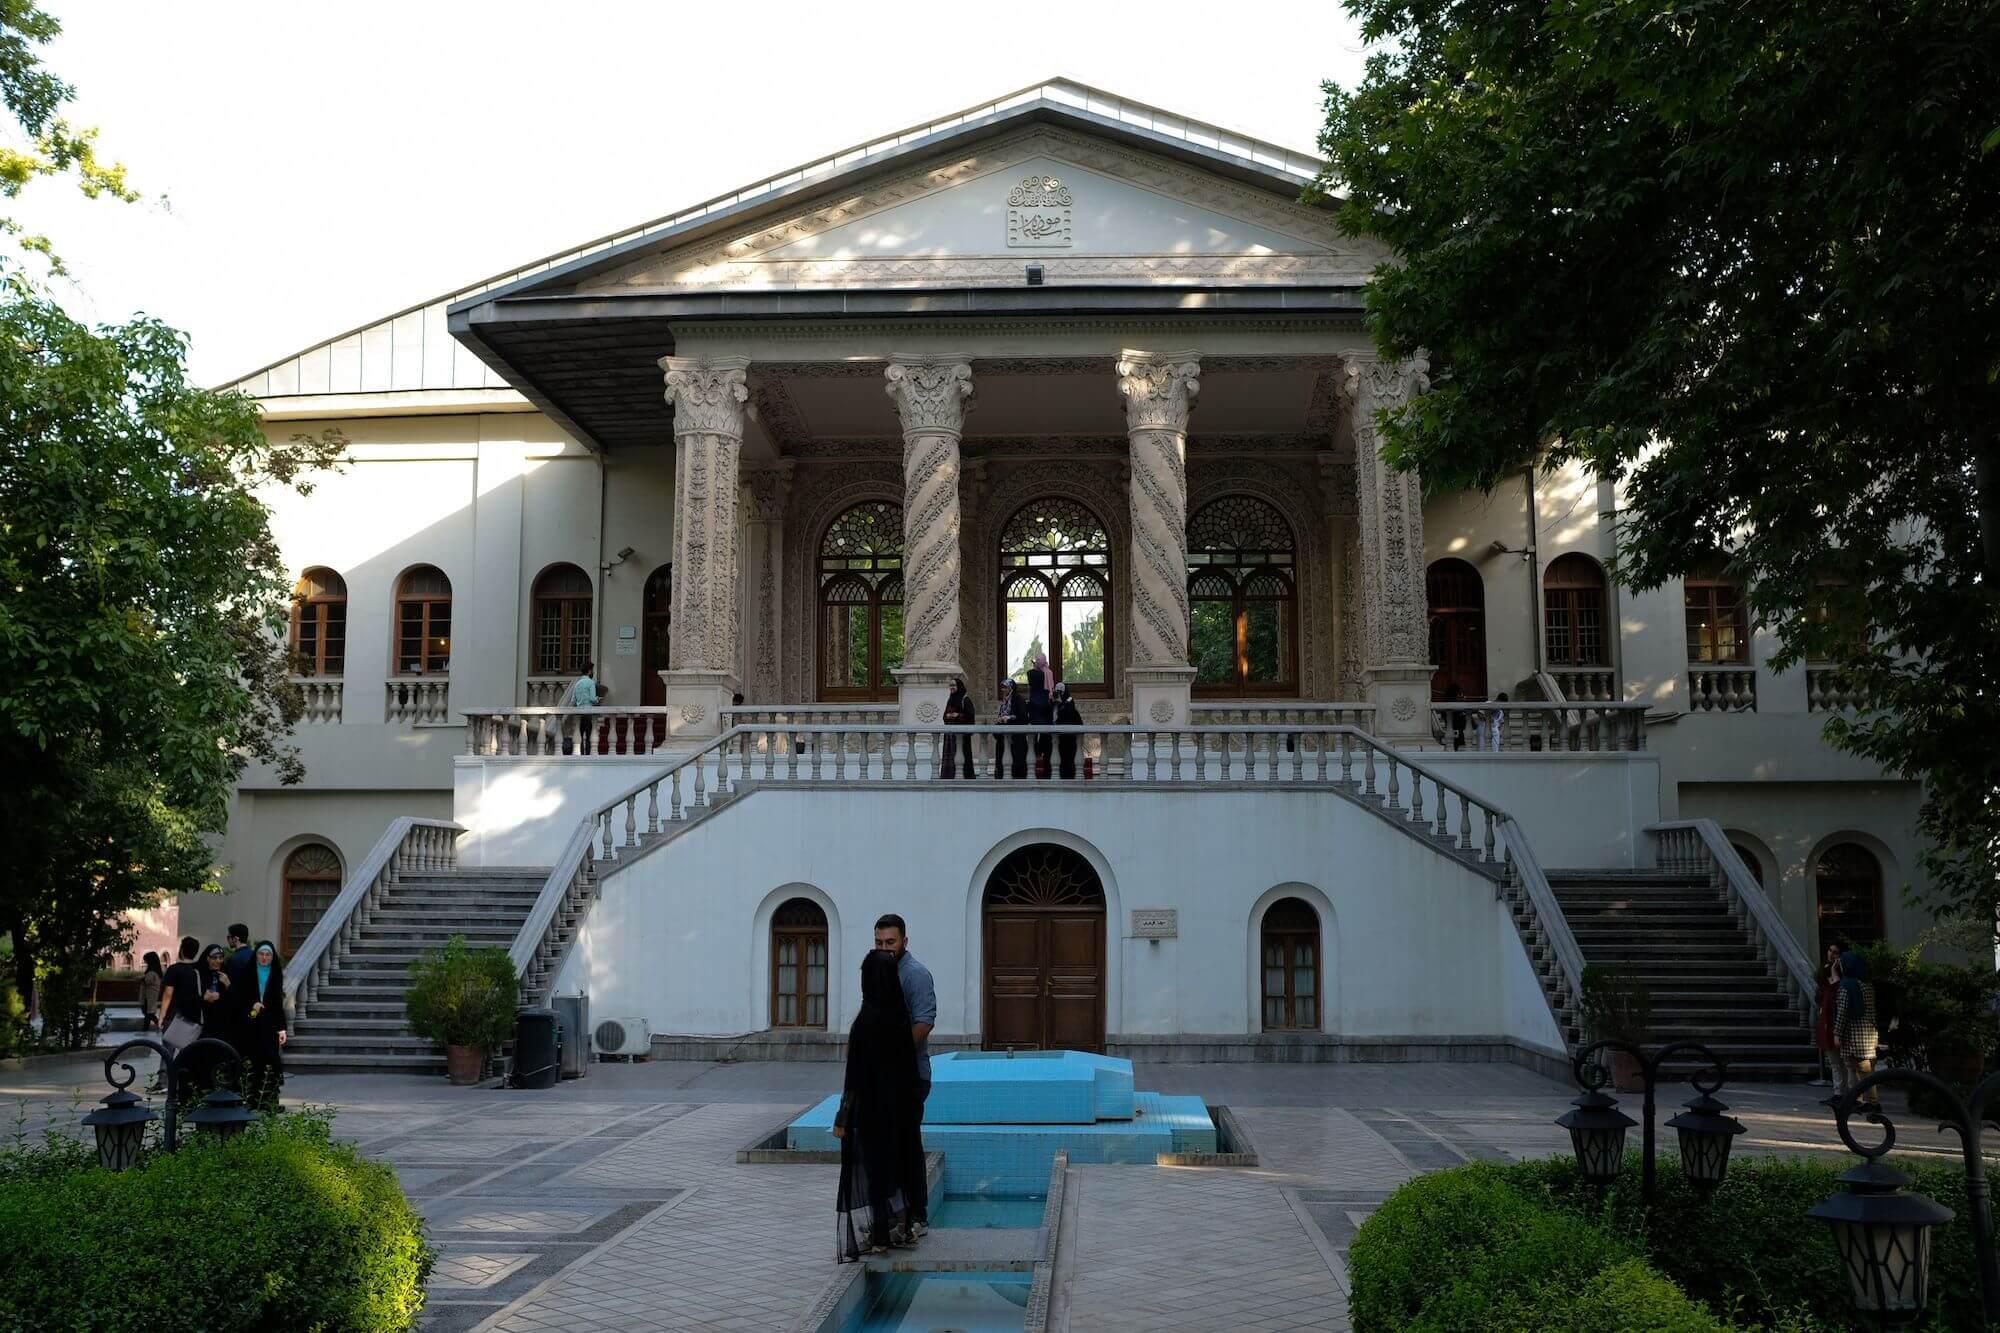 Teheran Museo del Cinema 1 compressor 3 giorni a Teheran